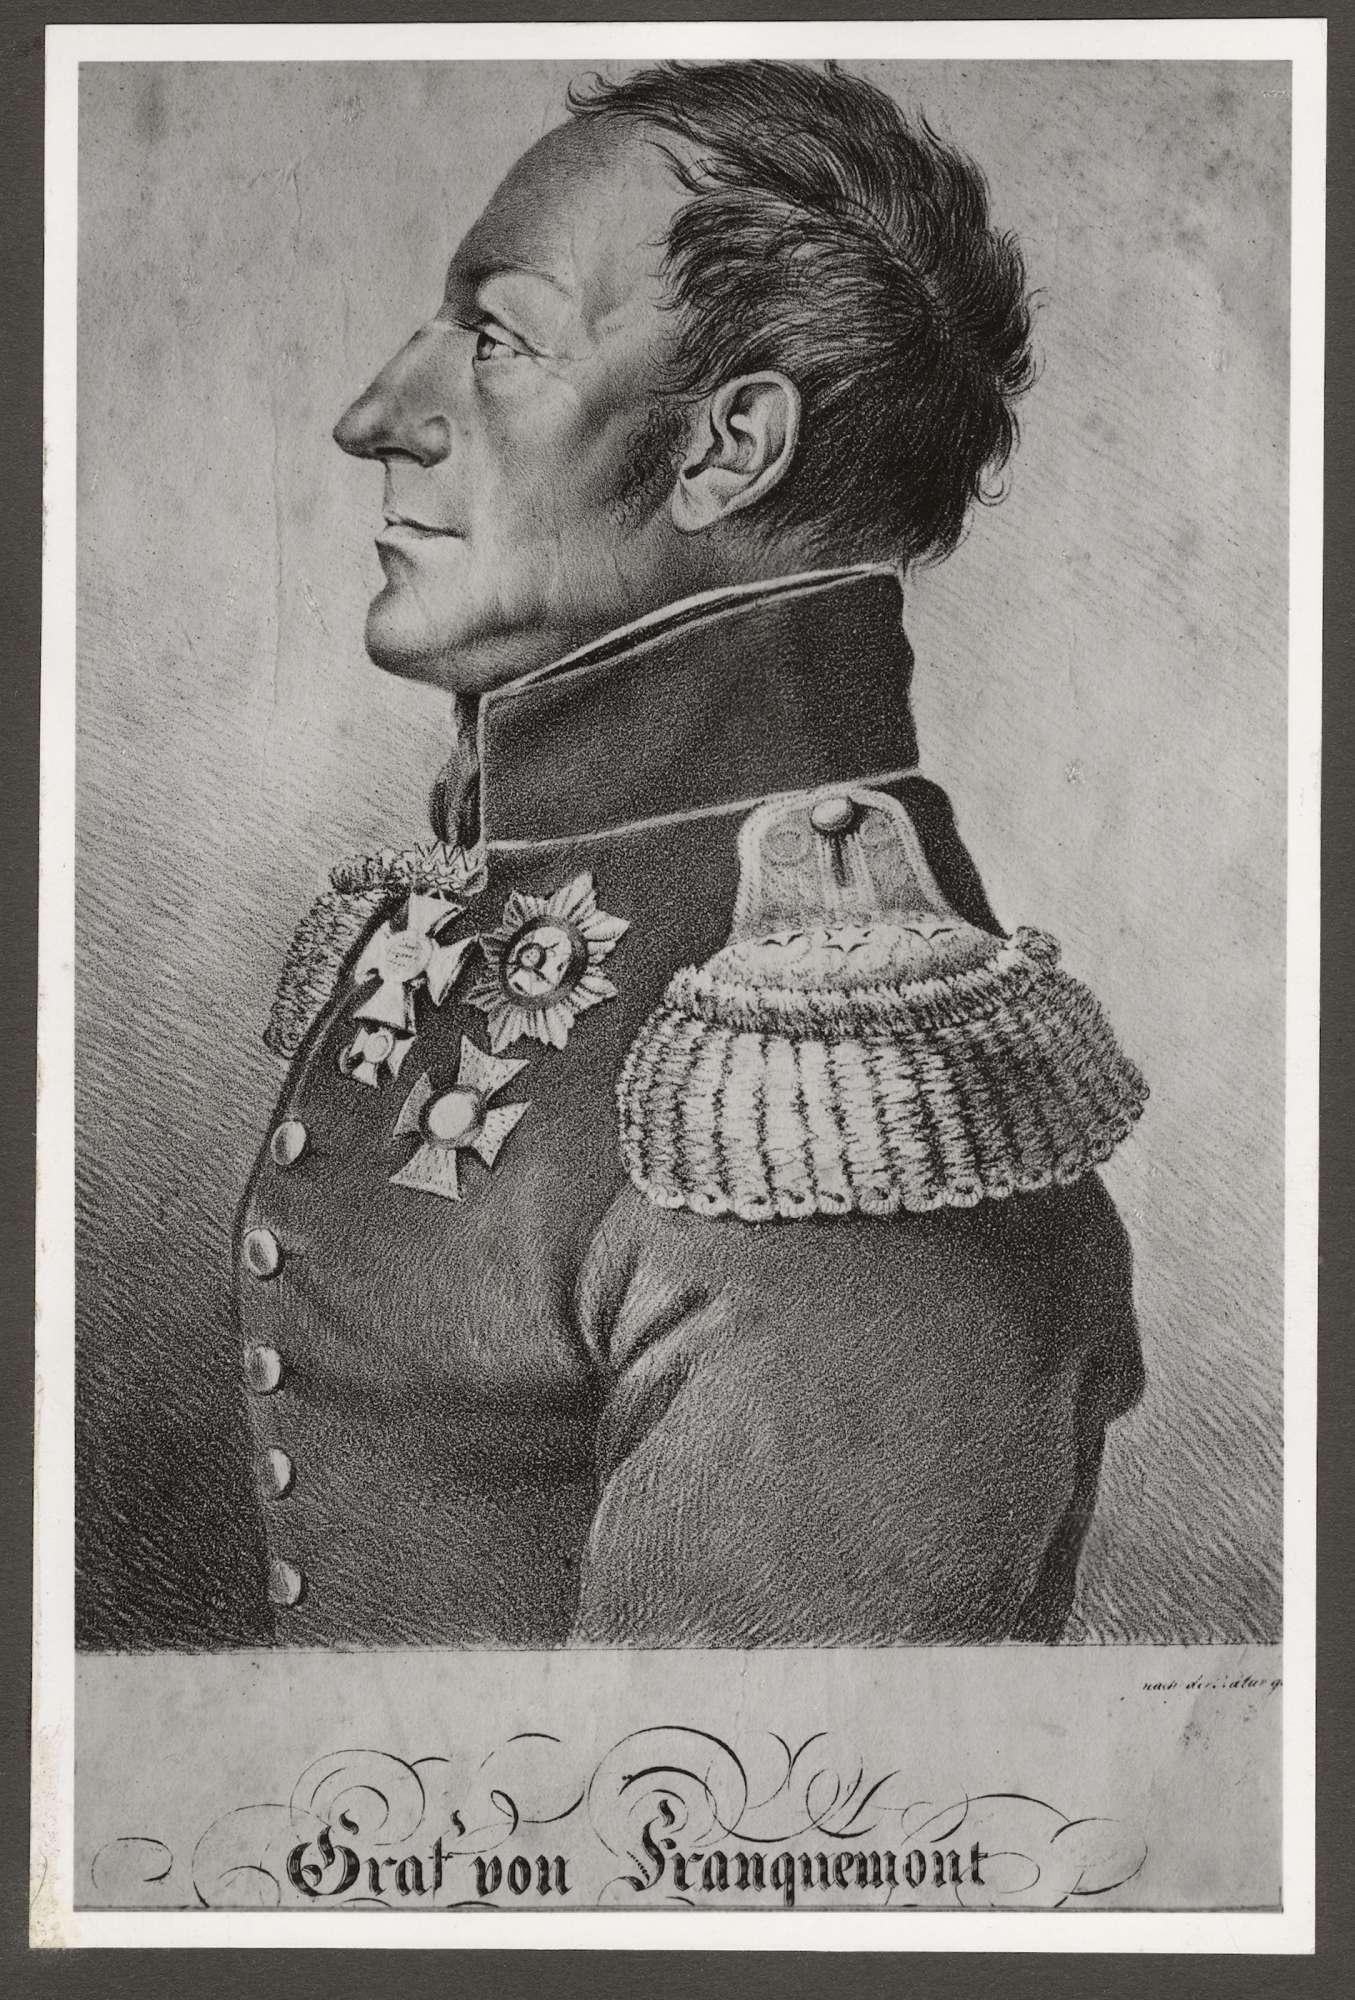 Franquemont, Graf von, Bild 3